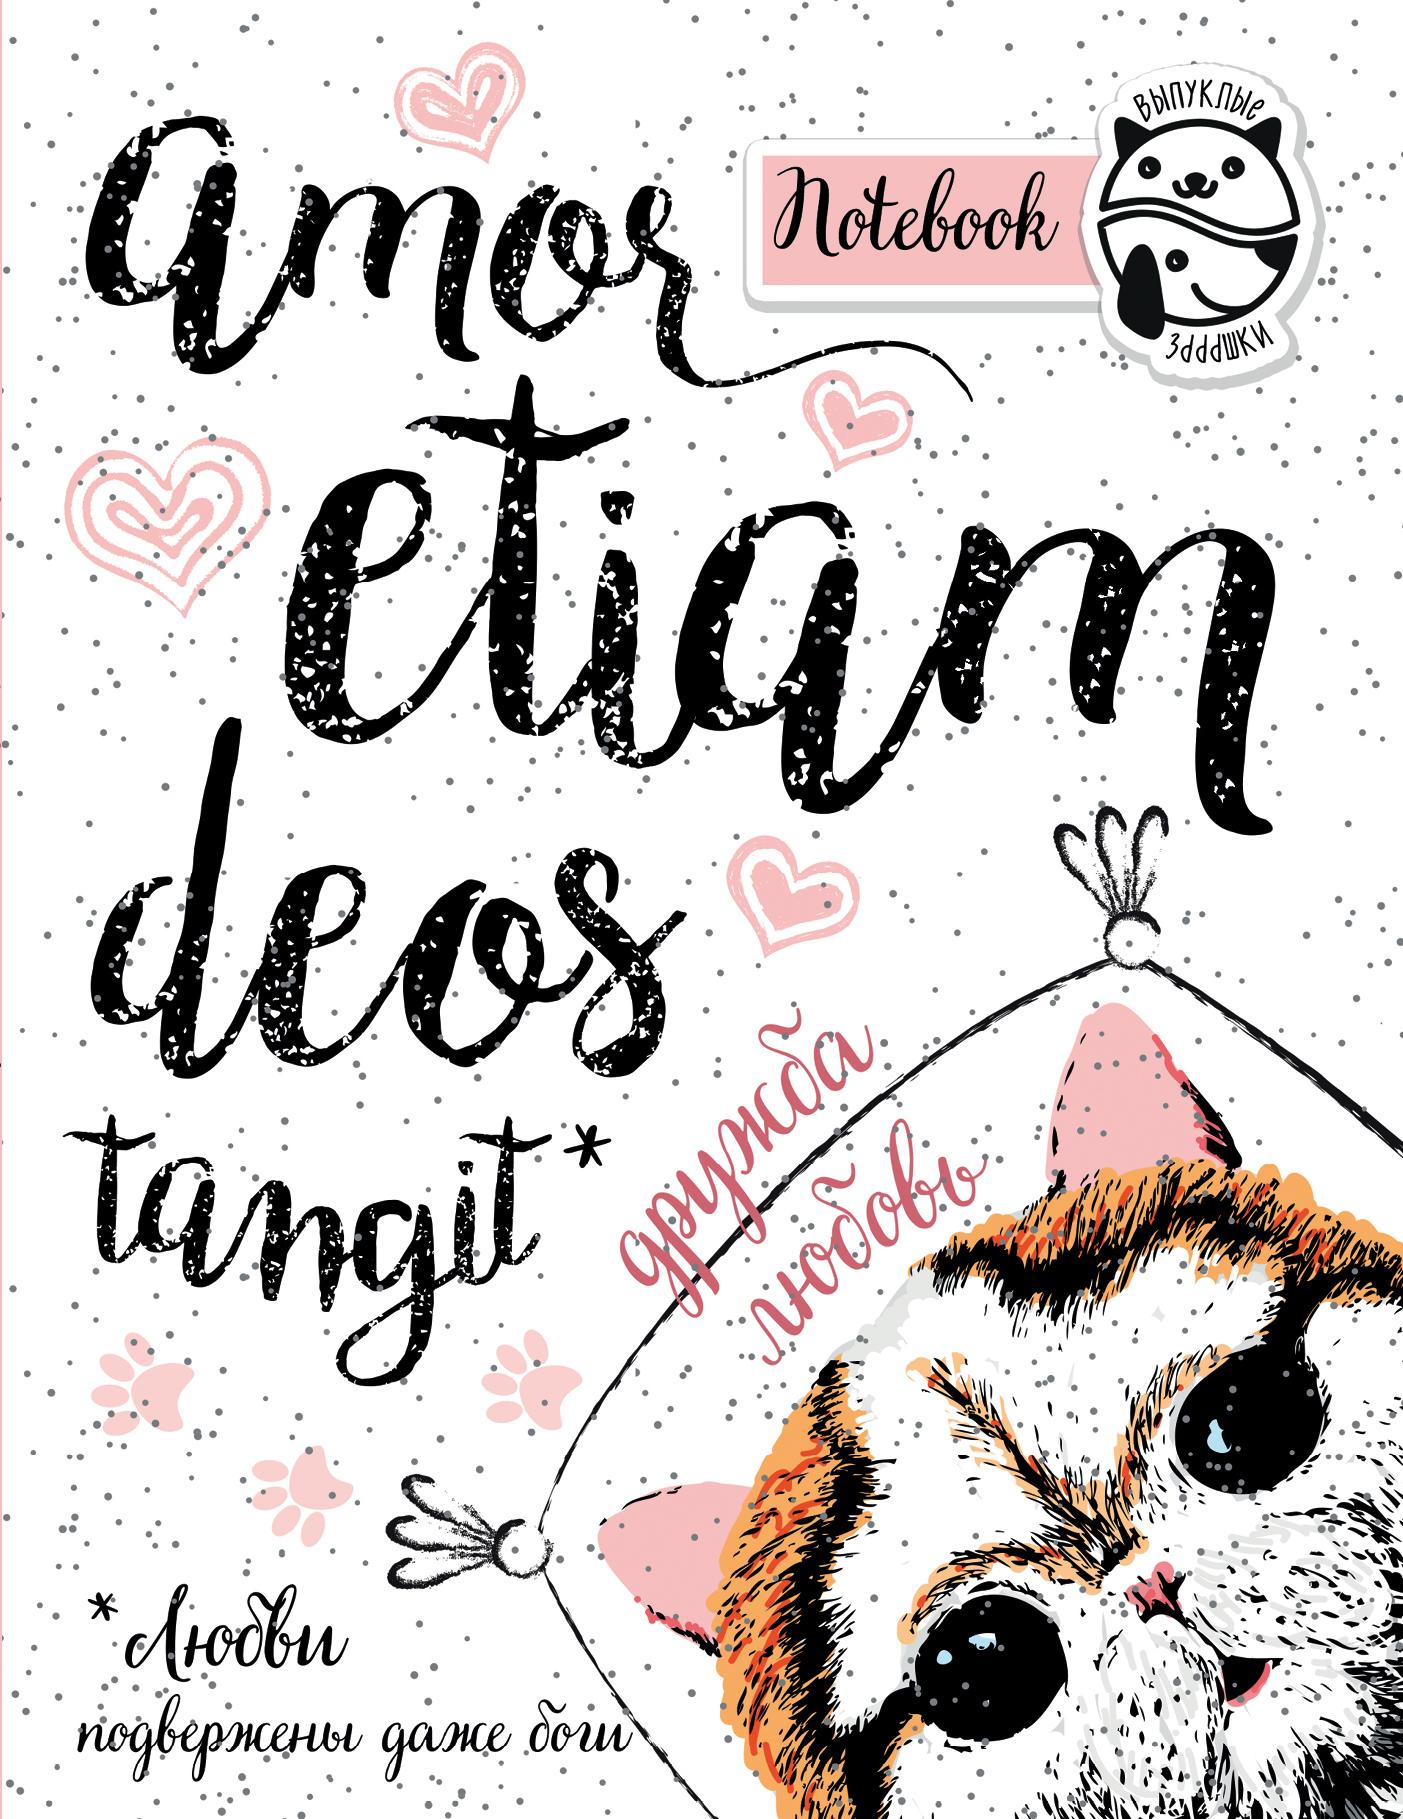 Блокнот Amor etiam deos tangit (Любви подвержены даже боги)